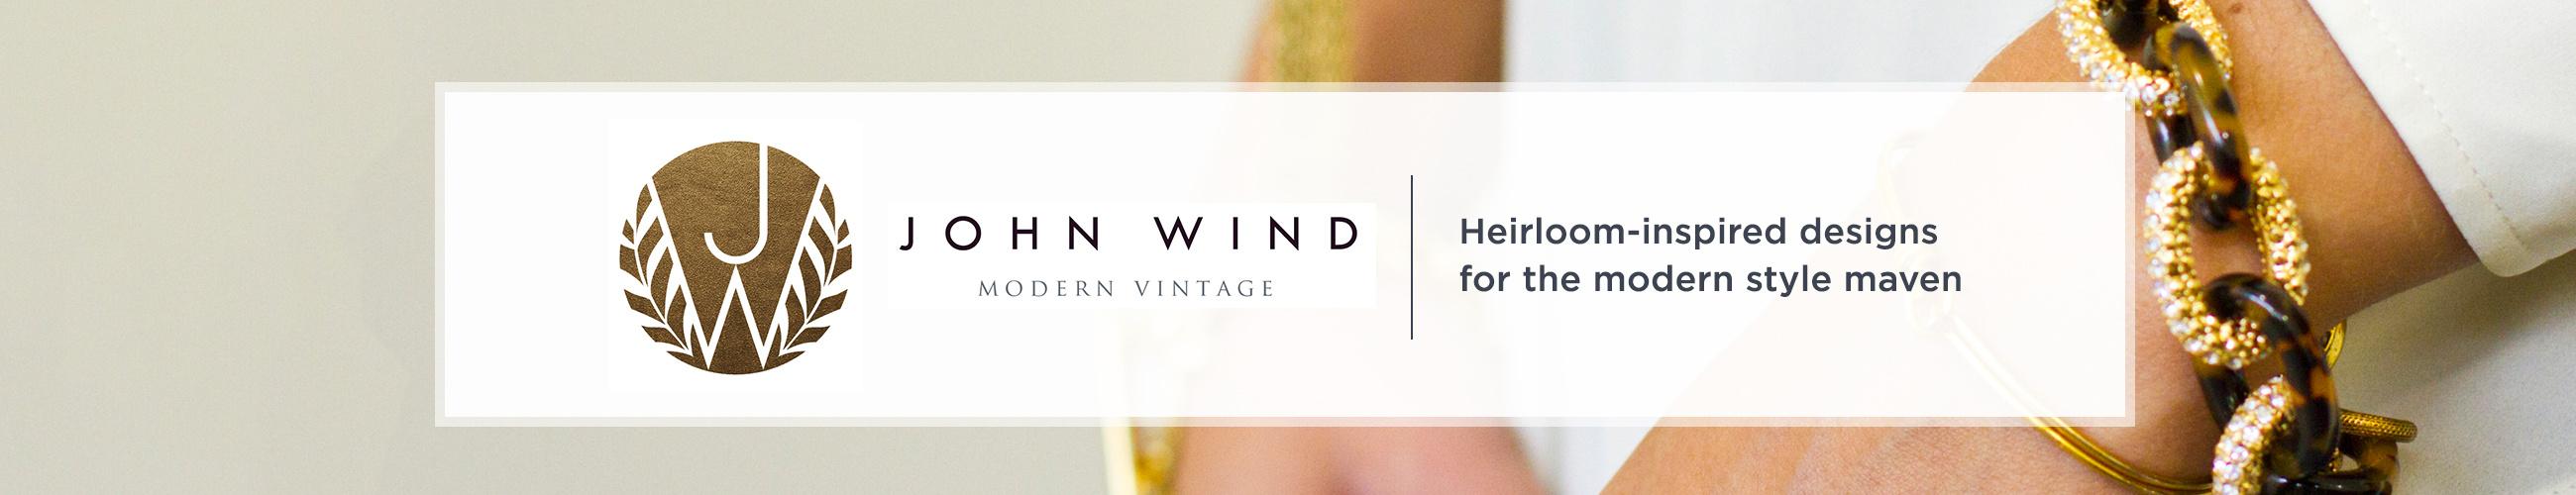 John Wind Heirloom-inspired designs for the modern style maven